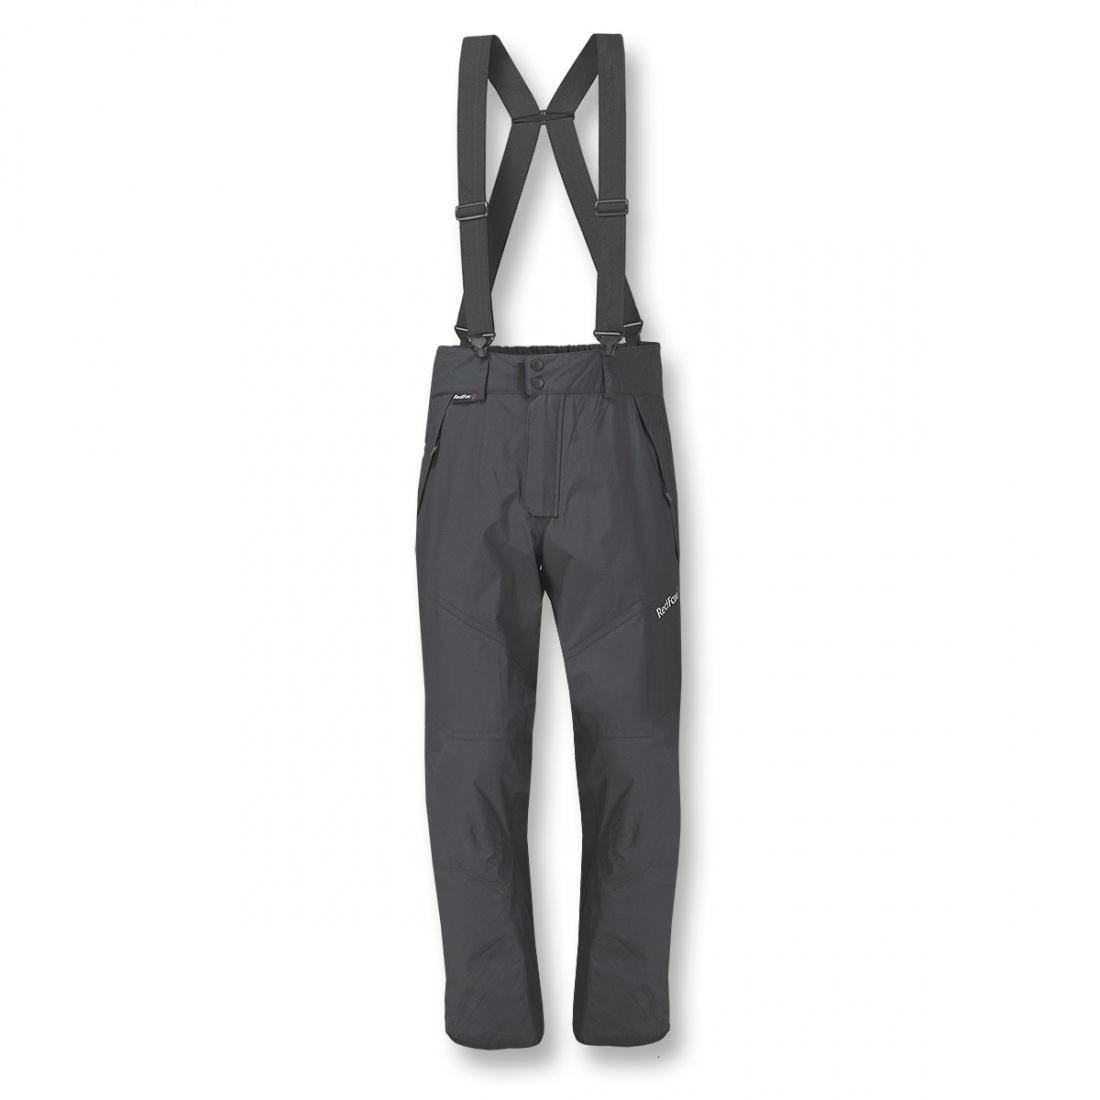 Брюки ветрозащитные Alpine 06Брюки, штаны<br>Легкие штормовые брюки-самосбросы из серии Mountain Sport вместе с ветрозащитной курткой Alpine Ascent 09 образуют удобный современный комплект для спортсменов и любителей активного отдыха. <br><br> <br> Специальные уси...<br><br>Цвет: Темно-серый<br>Размер: 54